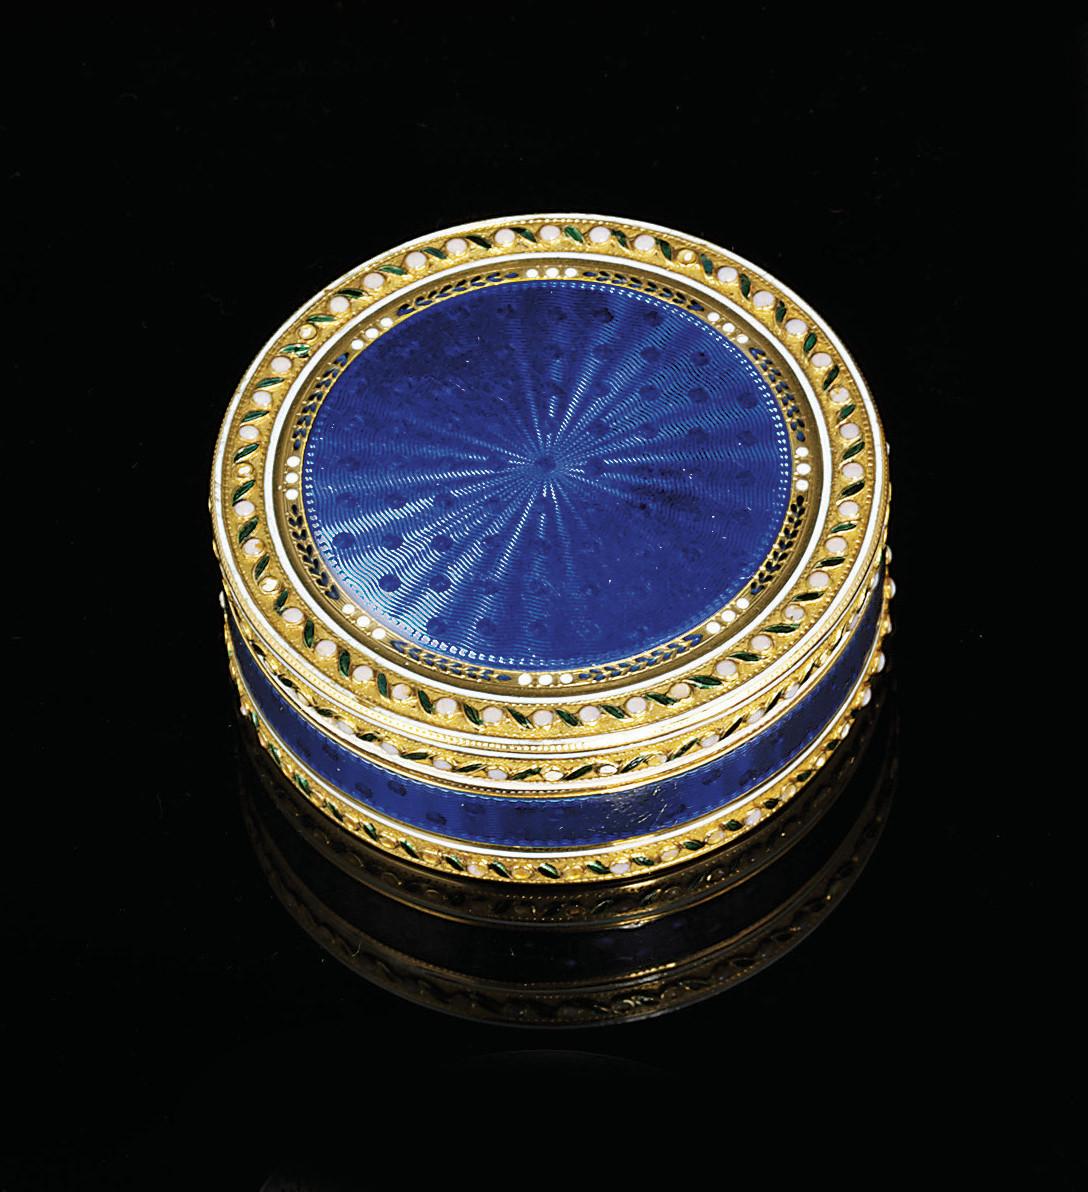 A LOUIS XVI ENAMELLED GOLD BONBONNIÈRE